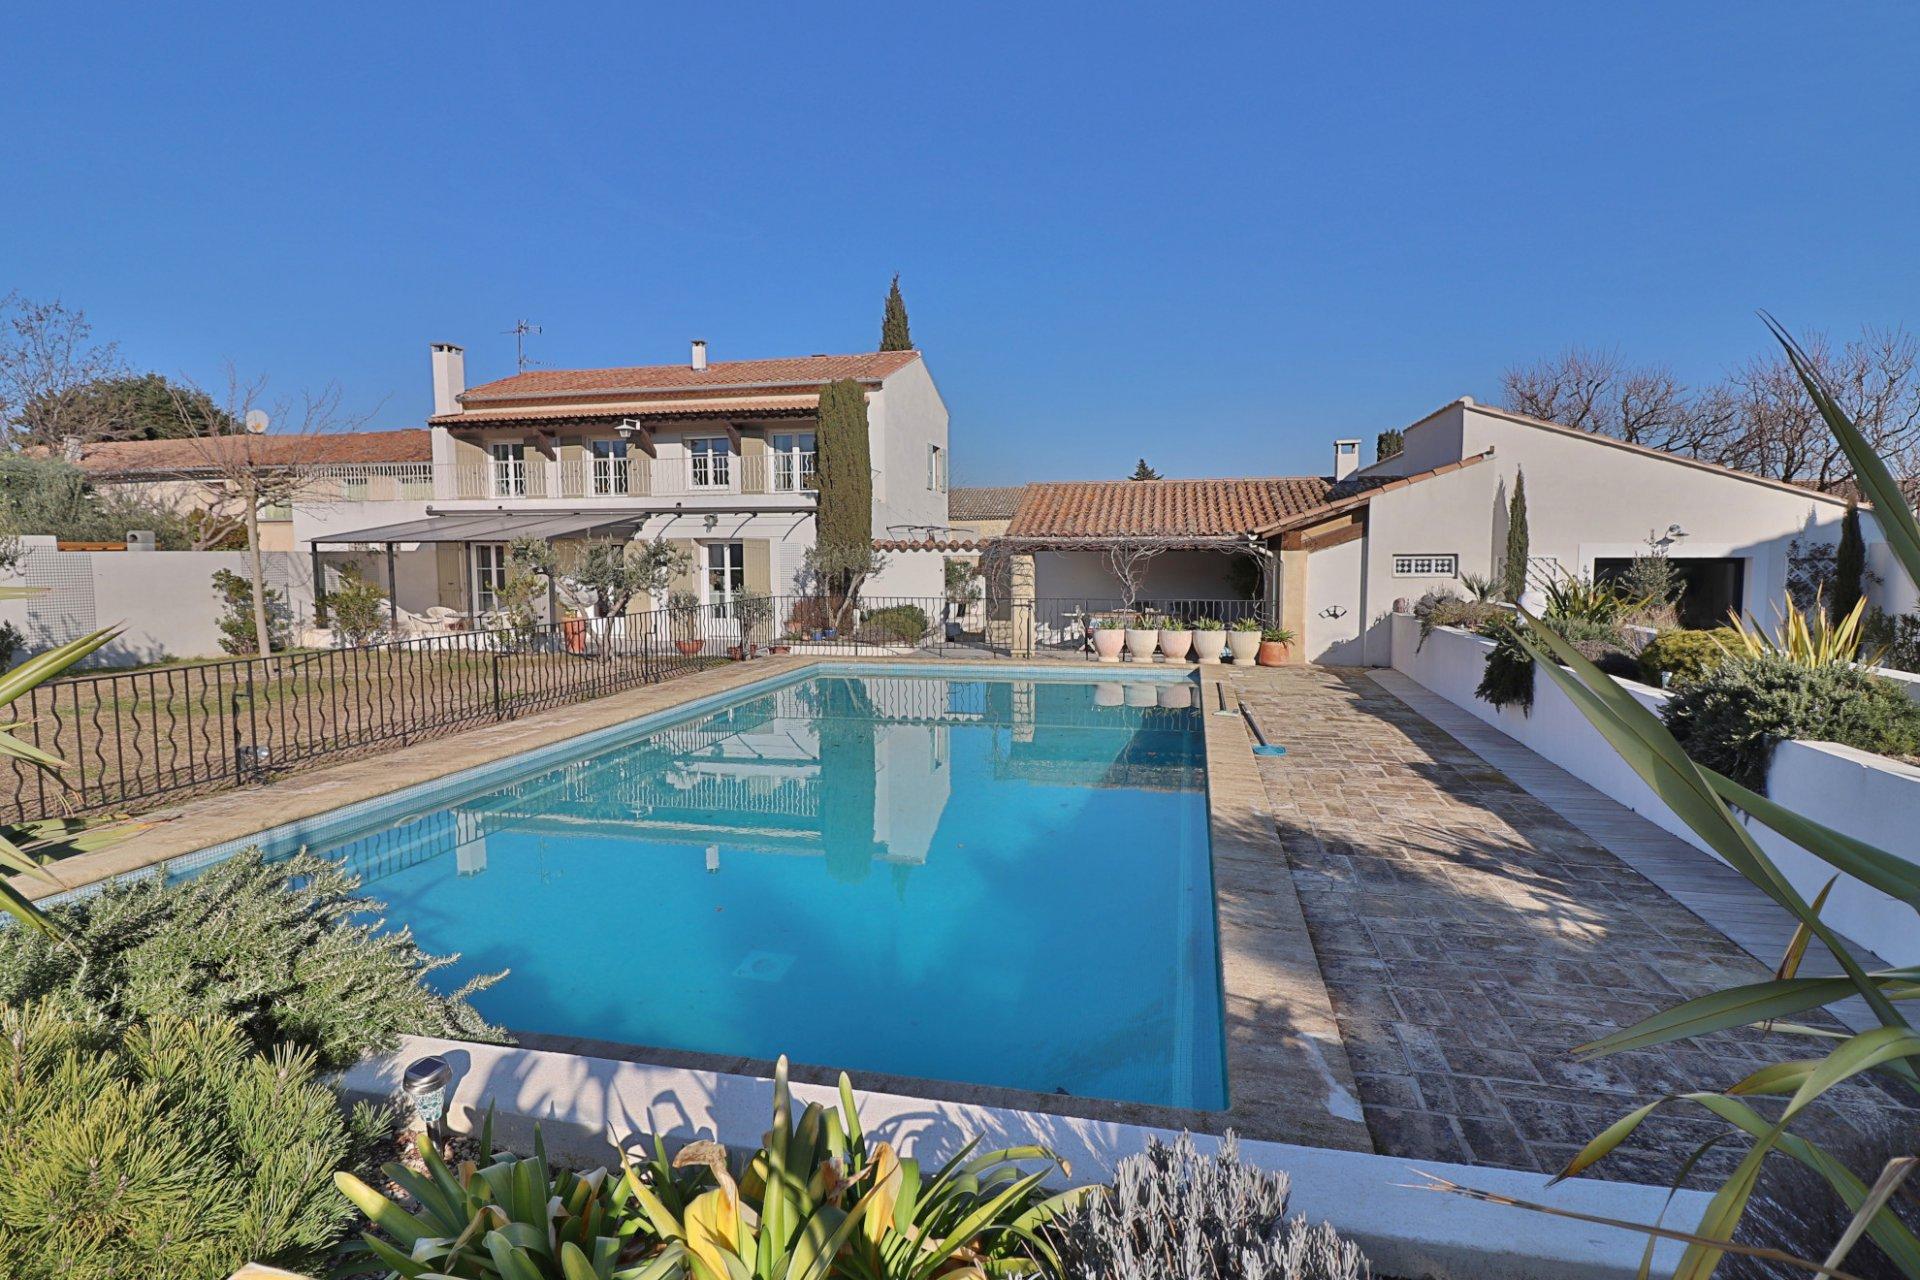 Exclusivité, Saint Rémy de Provence, belle vue Alpilles proche centre ville,  belle MAISON rénovée et lumineuse.